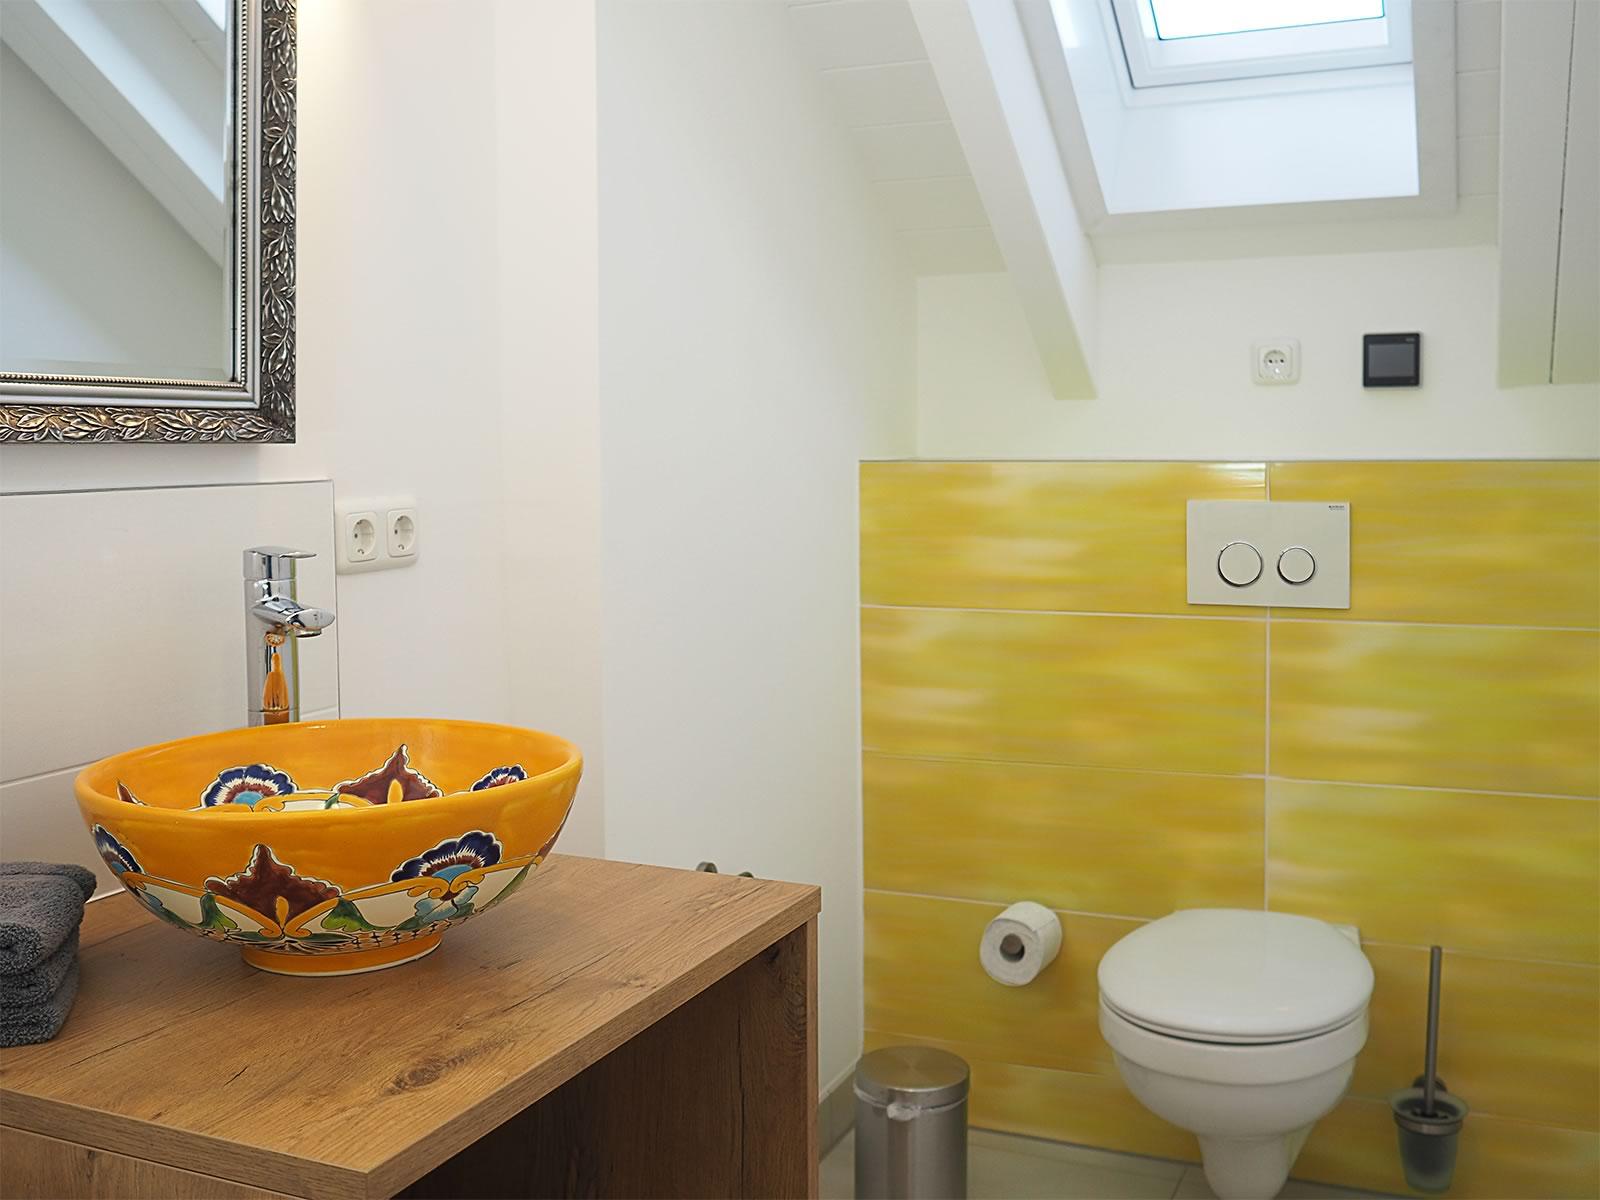 zwei duschen eine badewanne und ein g ste wc wiesenart zingst. Black Bedroom Furniture Sets. Home Design Ideas